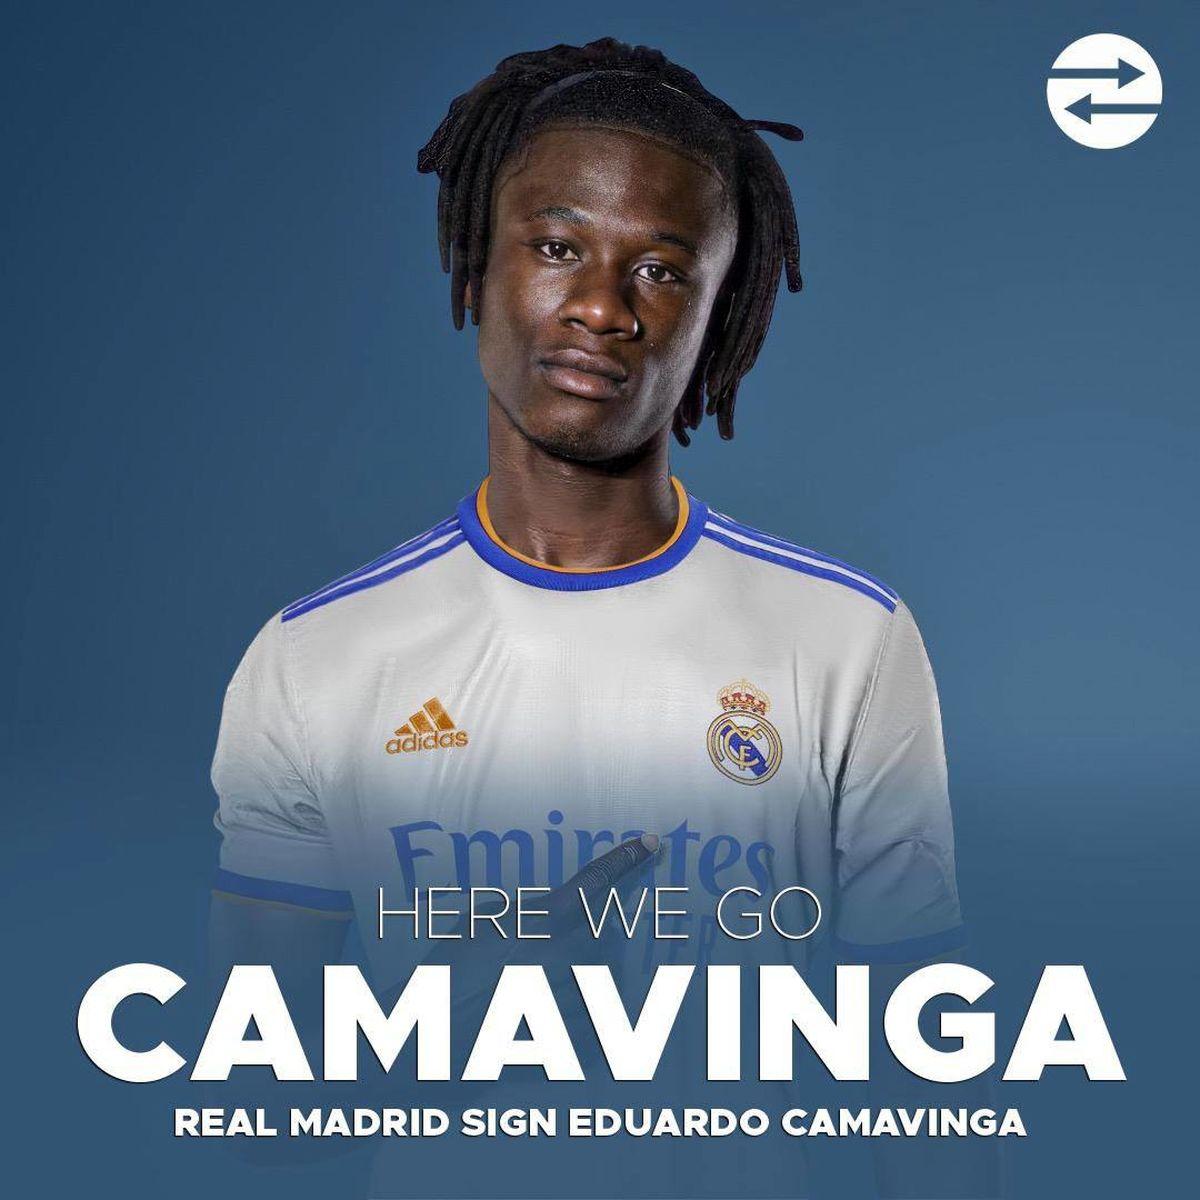 رسمی؛ ادوارد کاماوینگا به رئال مادرید پیوست